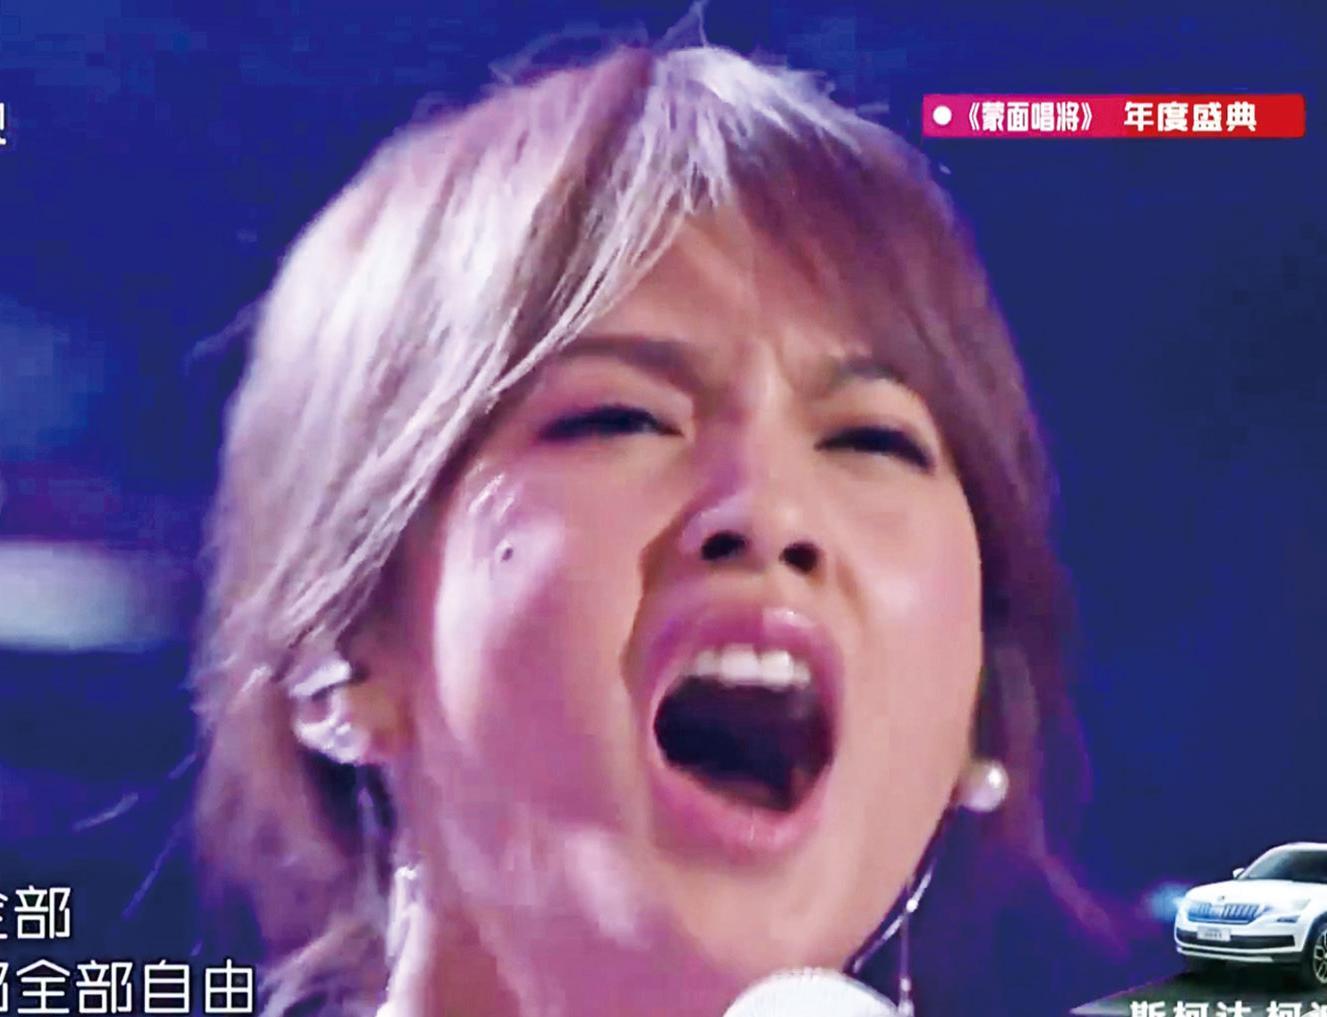 楊丞琳唱高音面容扭曲